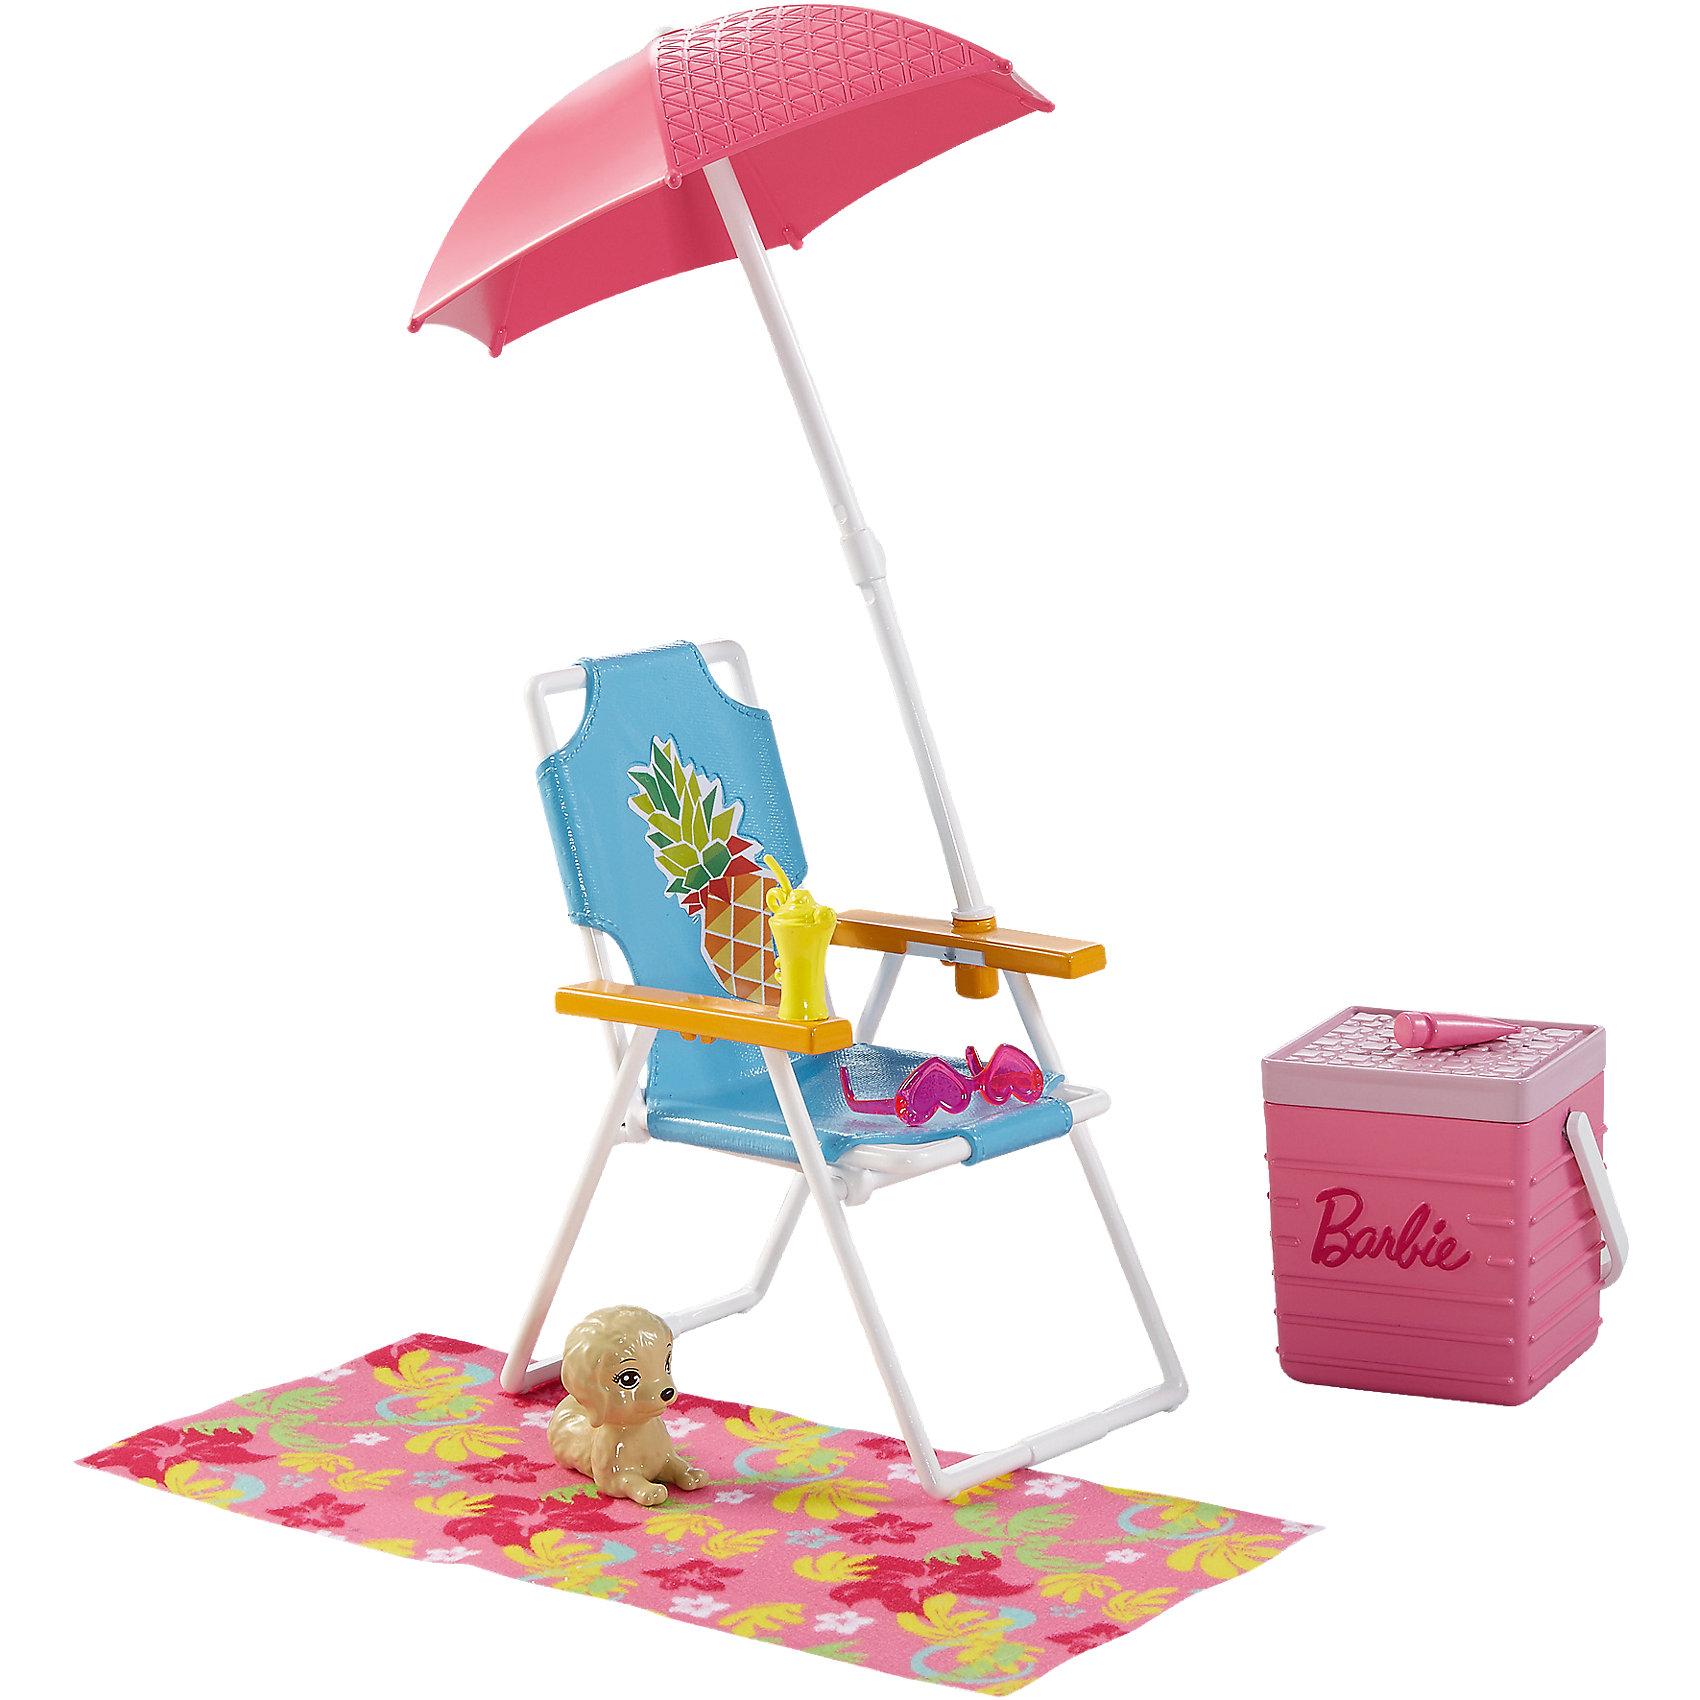 Набор мебели Пляжный шезлонг и вентилятор из серии Отдых на природе, BarbieХарактеристики товара:<br><br>• комплектация: пляжный шезлонг, зонт, корзина для напитков, аксессуары, питомец<br>• материал: пластик<br>• серия: Barbie™ Отдых на природе<br>• кукла продается отдельно<br>• упаковка: блистер<br>• возраст: от трех лет<br>• страна производства: Китай<br>• страна бренда: США<br><br>Этот симпатичный набор мебели поможет разнообразить игры с любимой куклой! В него входят вещи для организации кукле комфортного отдыха на природе в компании с любимым питомцем. Этот комплект мебели станет великолепным подарком для девочек!<br><br>Куклы - это не только весело, они помогают девочкам развить вкус и чувство стиля, отработать сценарии поведения в обществе, развить воображение и мелкую моторику. Кукла Barbie от бренда Mattel не перестает быть популярной! <br><br>Набор мебели Пляжный шезлонг и вентилятор из серии Отдых на природе от компании Mattel можно купить в нашем интернет-магазине.<br><br>Ширина мм: 270<br>Глубина мм: 192<br>Высота мм: 96<br>Вес г: 228<br>Возраст от месяцев: 36<br>Возраст до месяцев: 72<br>Пол: Женский<br>Возраст: Детский<br>SKU: 5257114